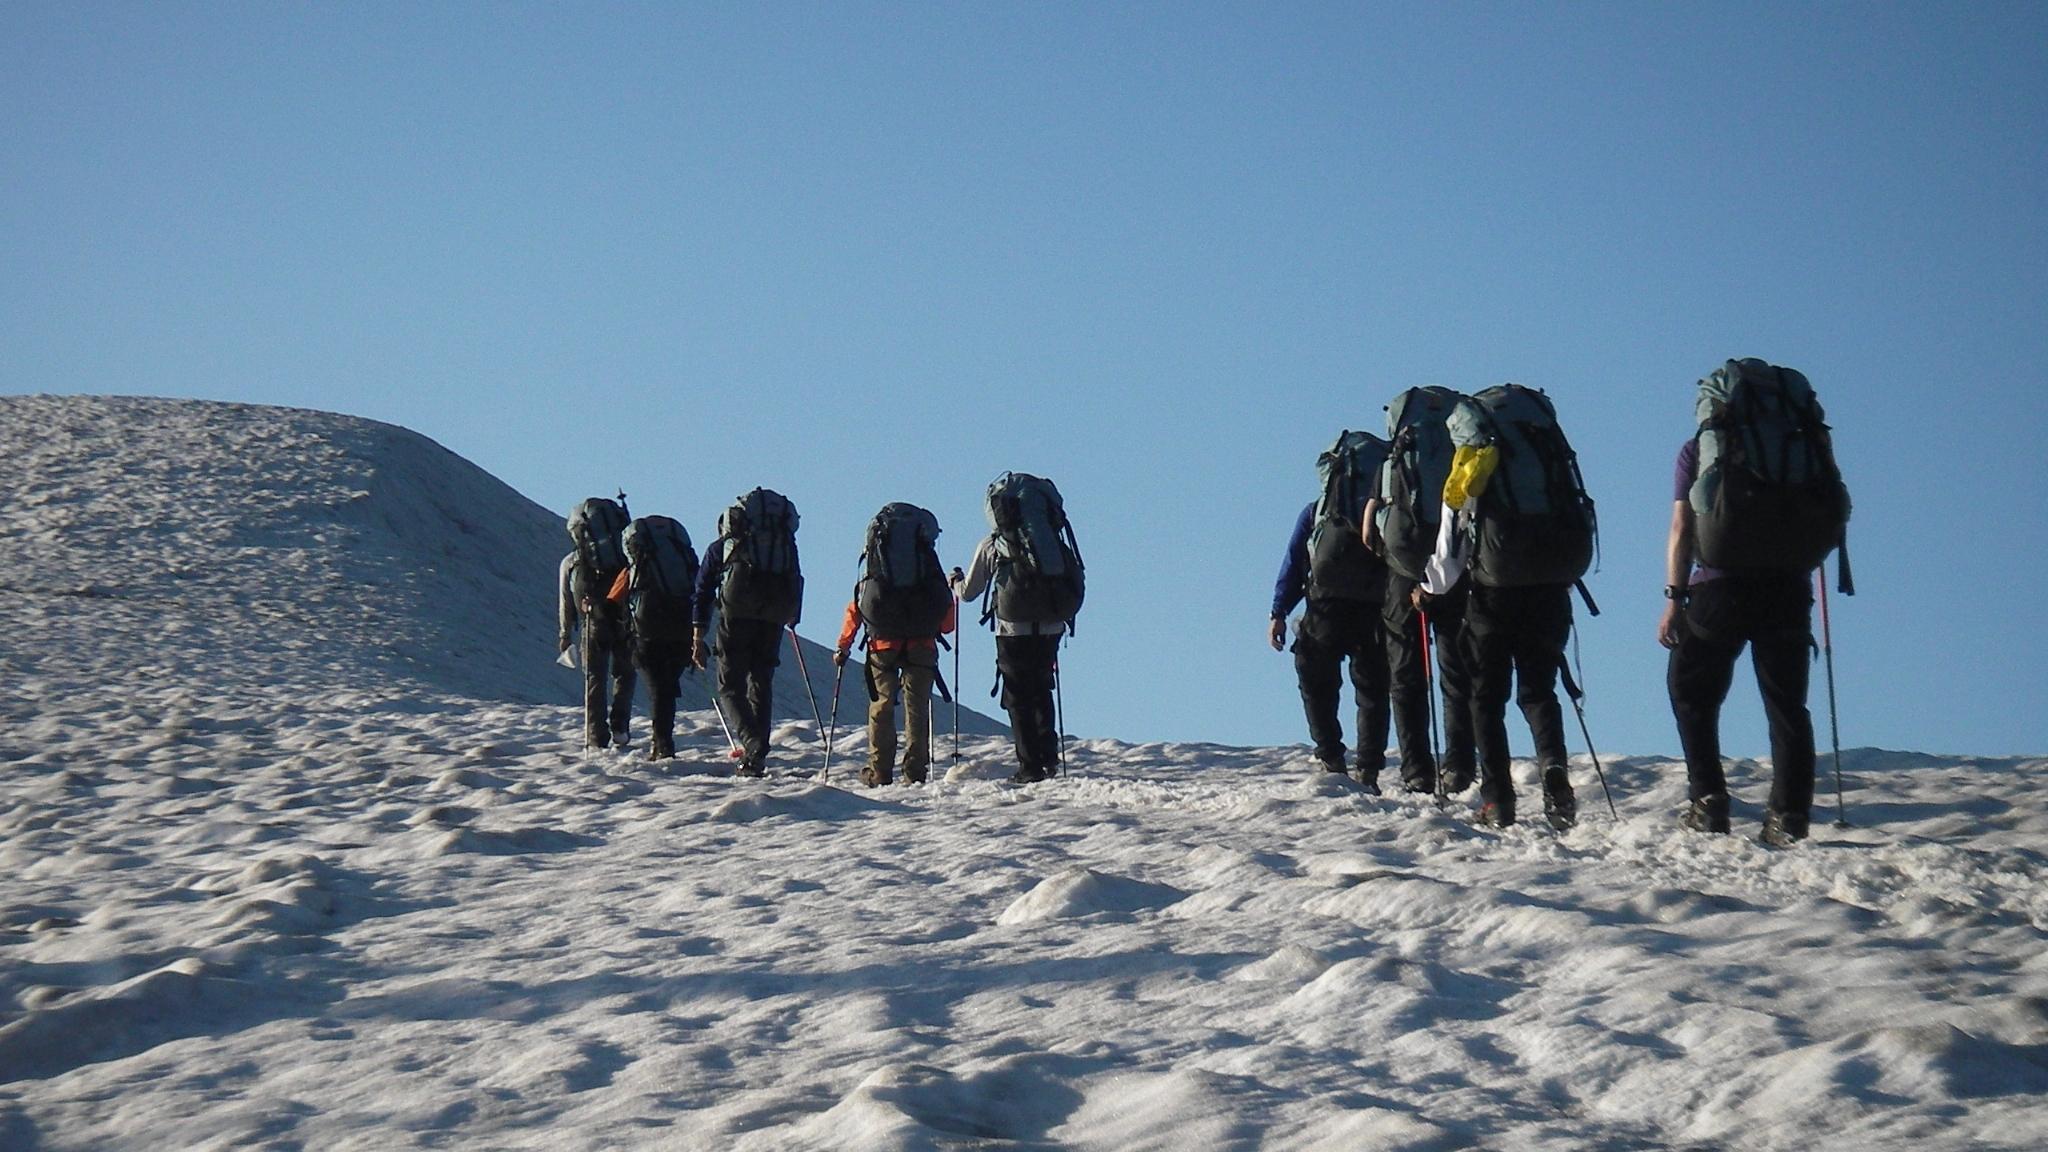 OBS-JALT2006-52日目:3泊4日の縦走登山。残雪の山中、雪の上で寝る!